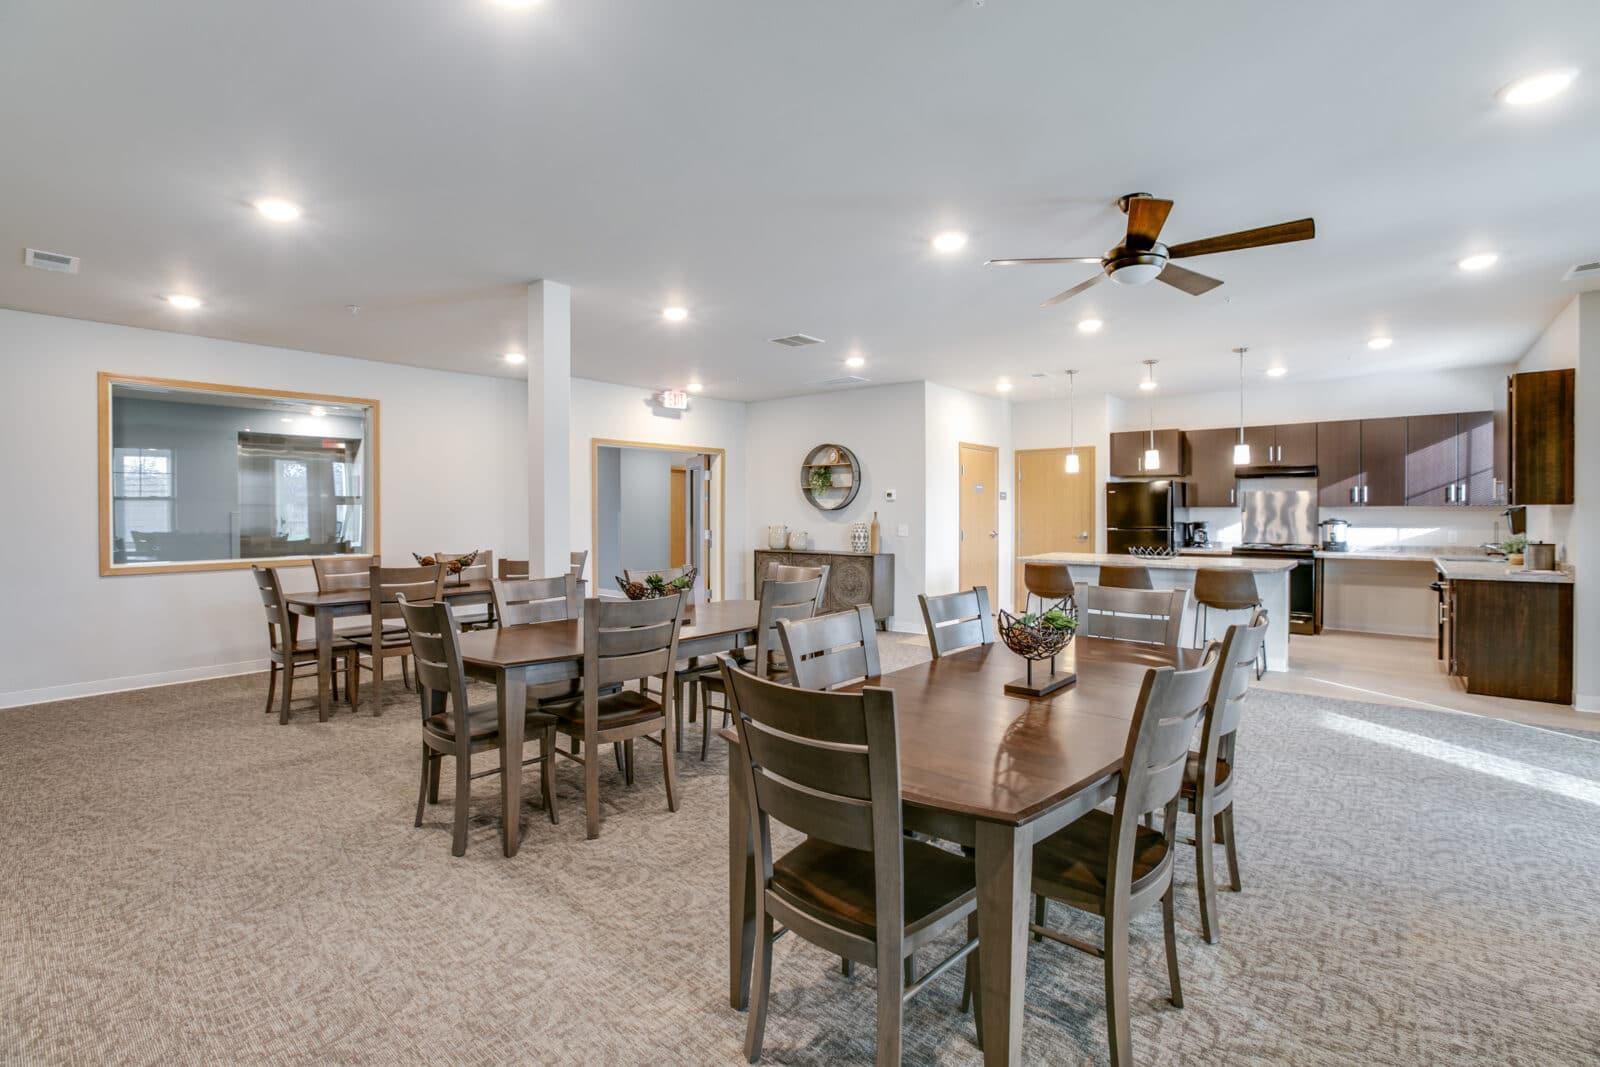 whitetail ridge apartments & townhomes, construction management associates, general contractors